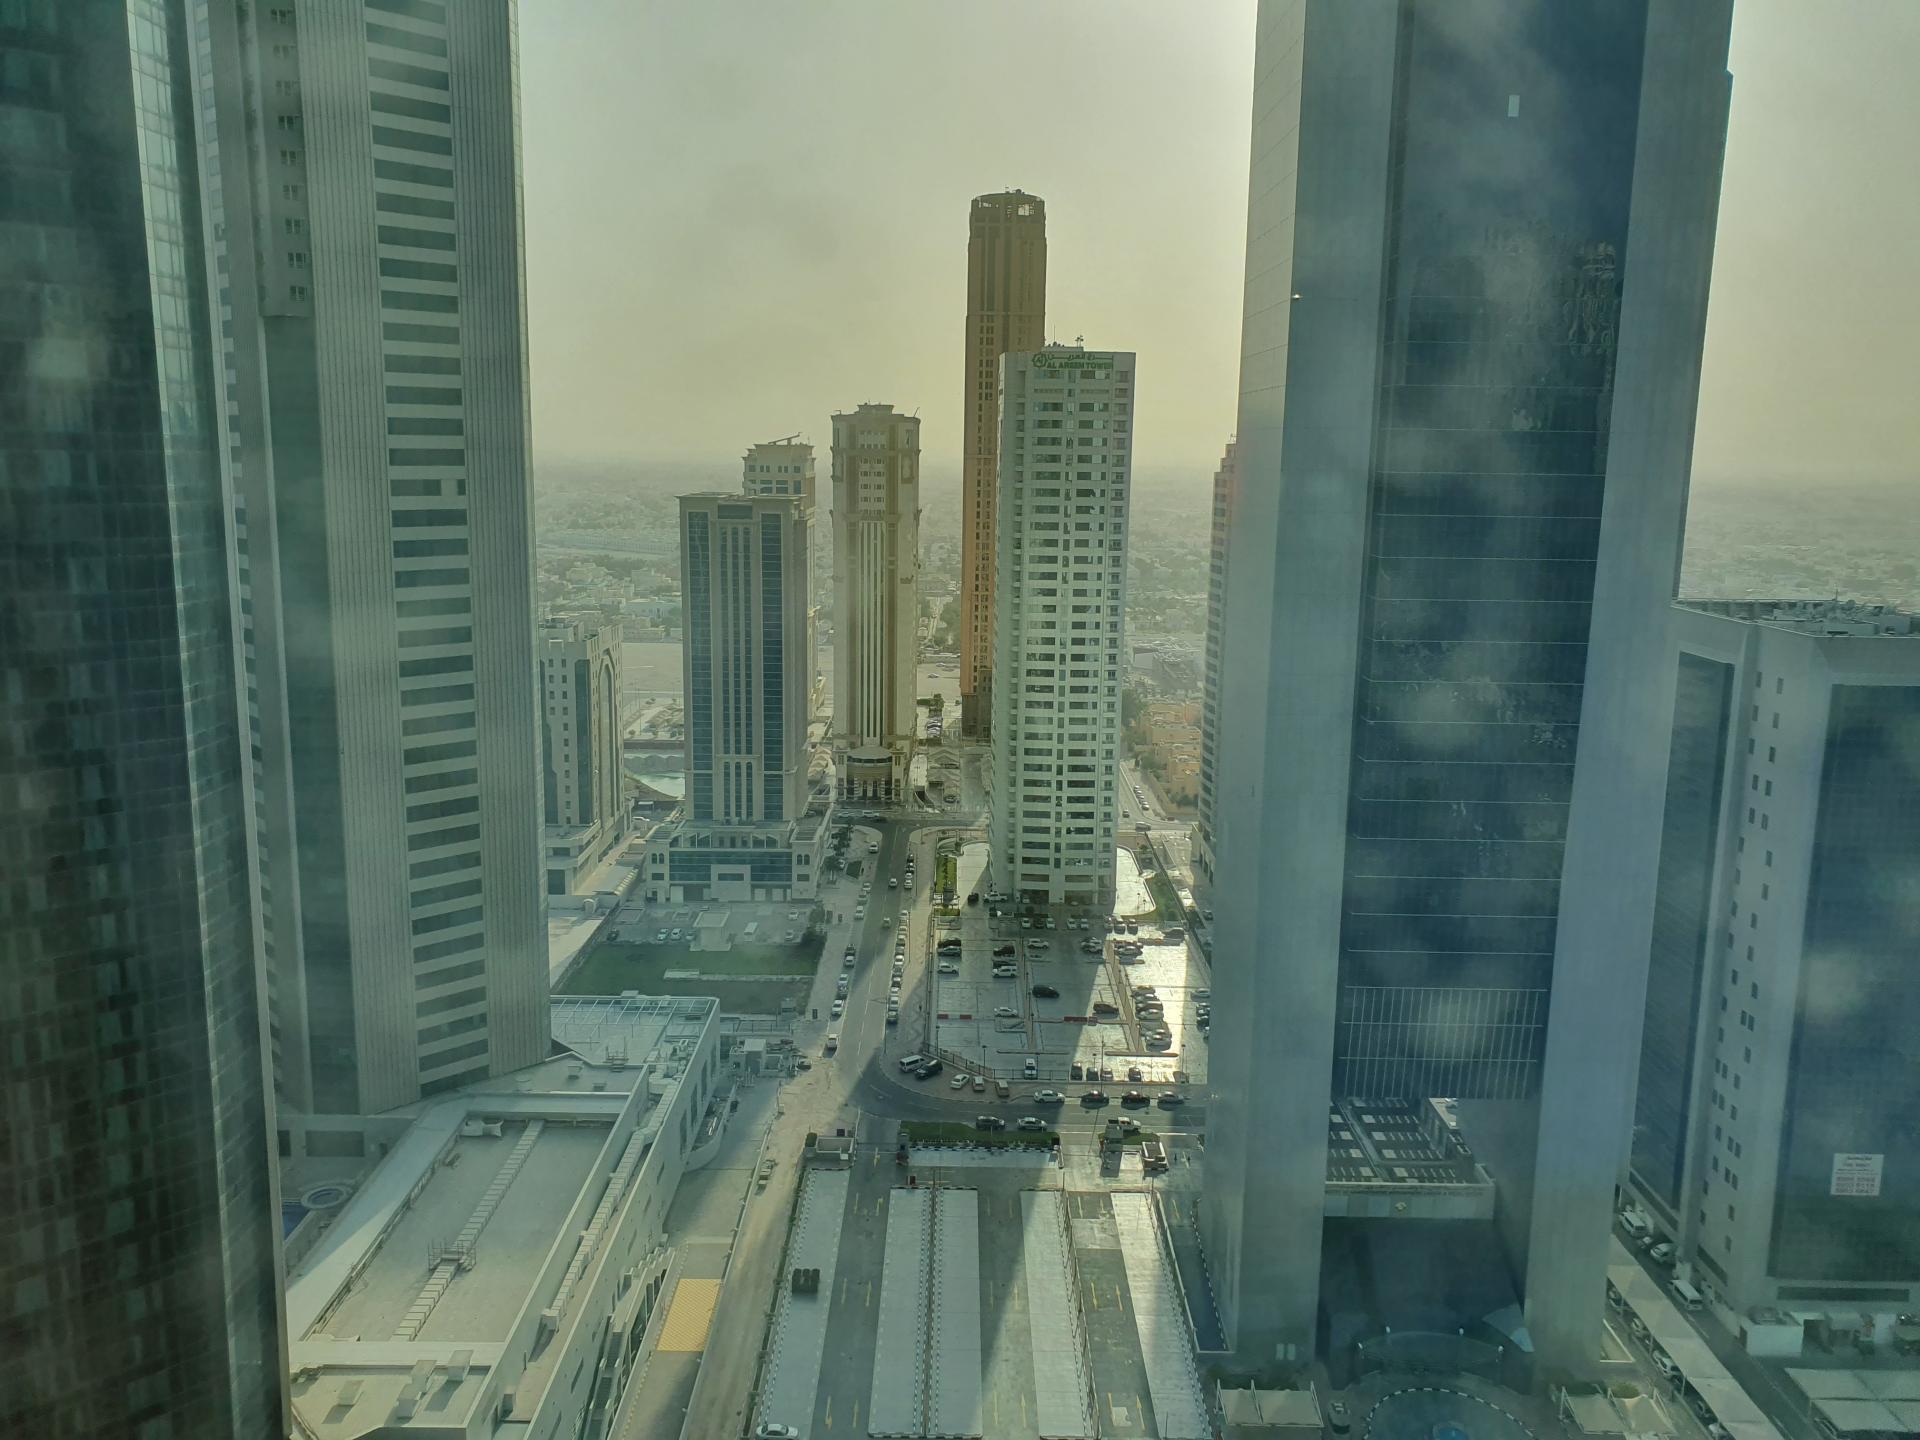 вид с высоты 27 этажа из номера отеля Мариотт в Дохе, Катар